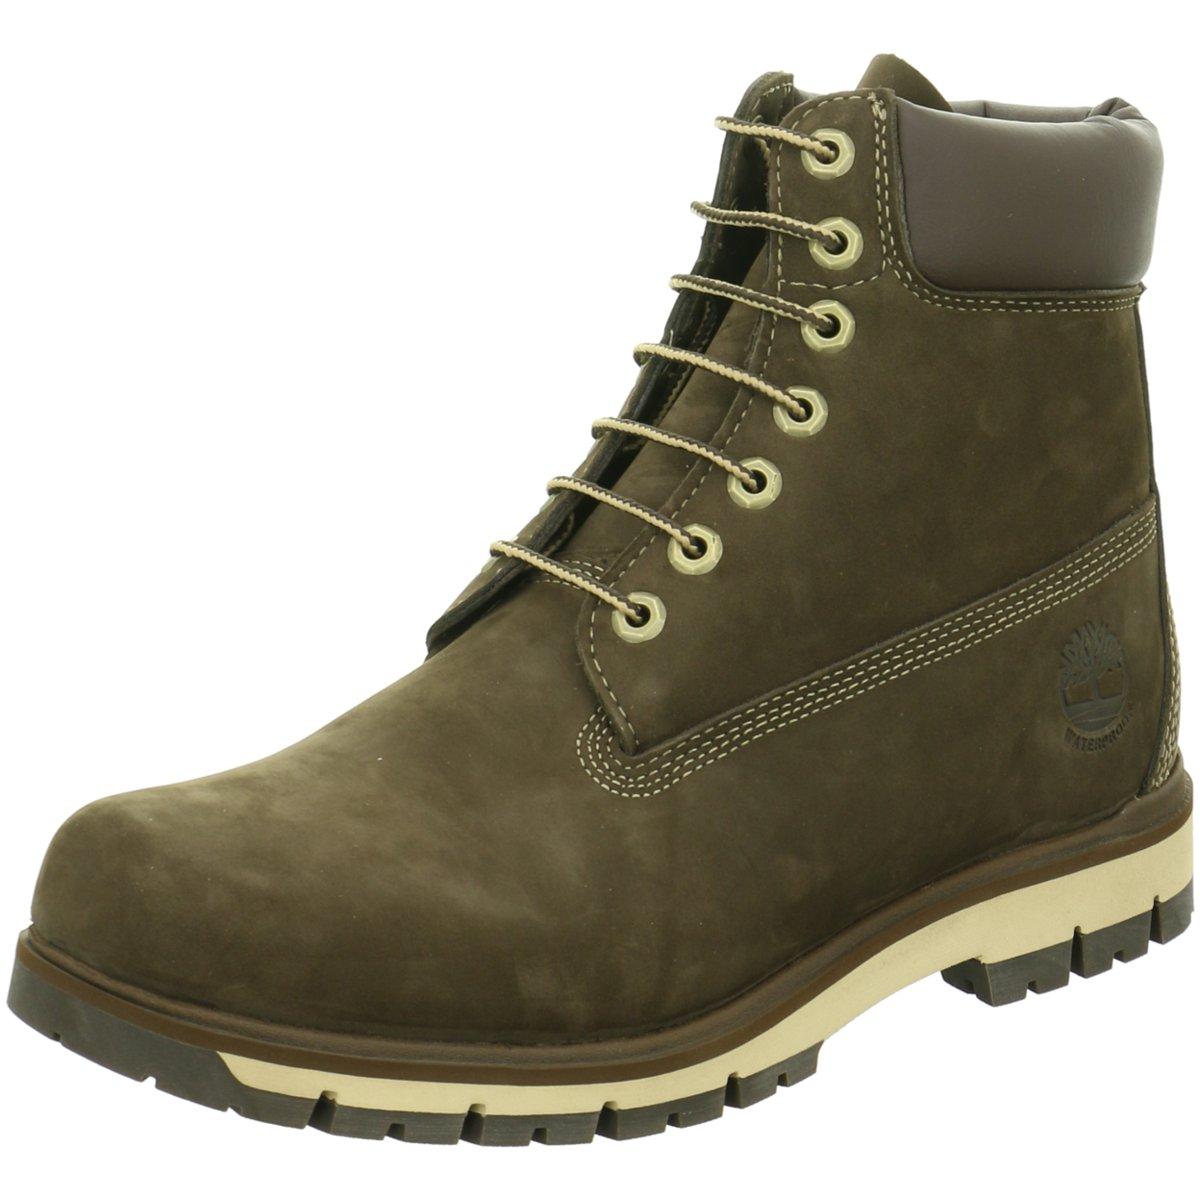 finest selection 7f953 c5102 Details zu Timberland Herren Stiefel Radford 6 Inch Boot Stiefel Herren  Schuhe dunkelbraun